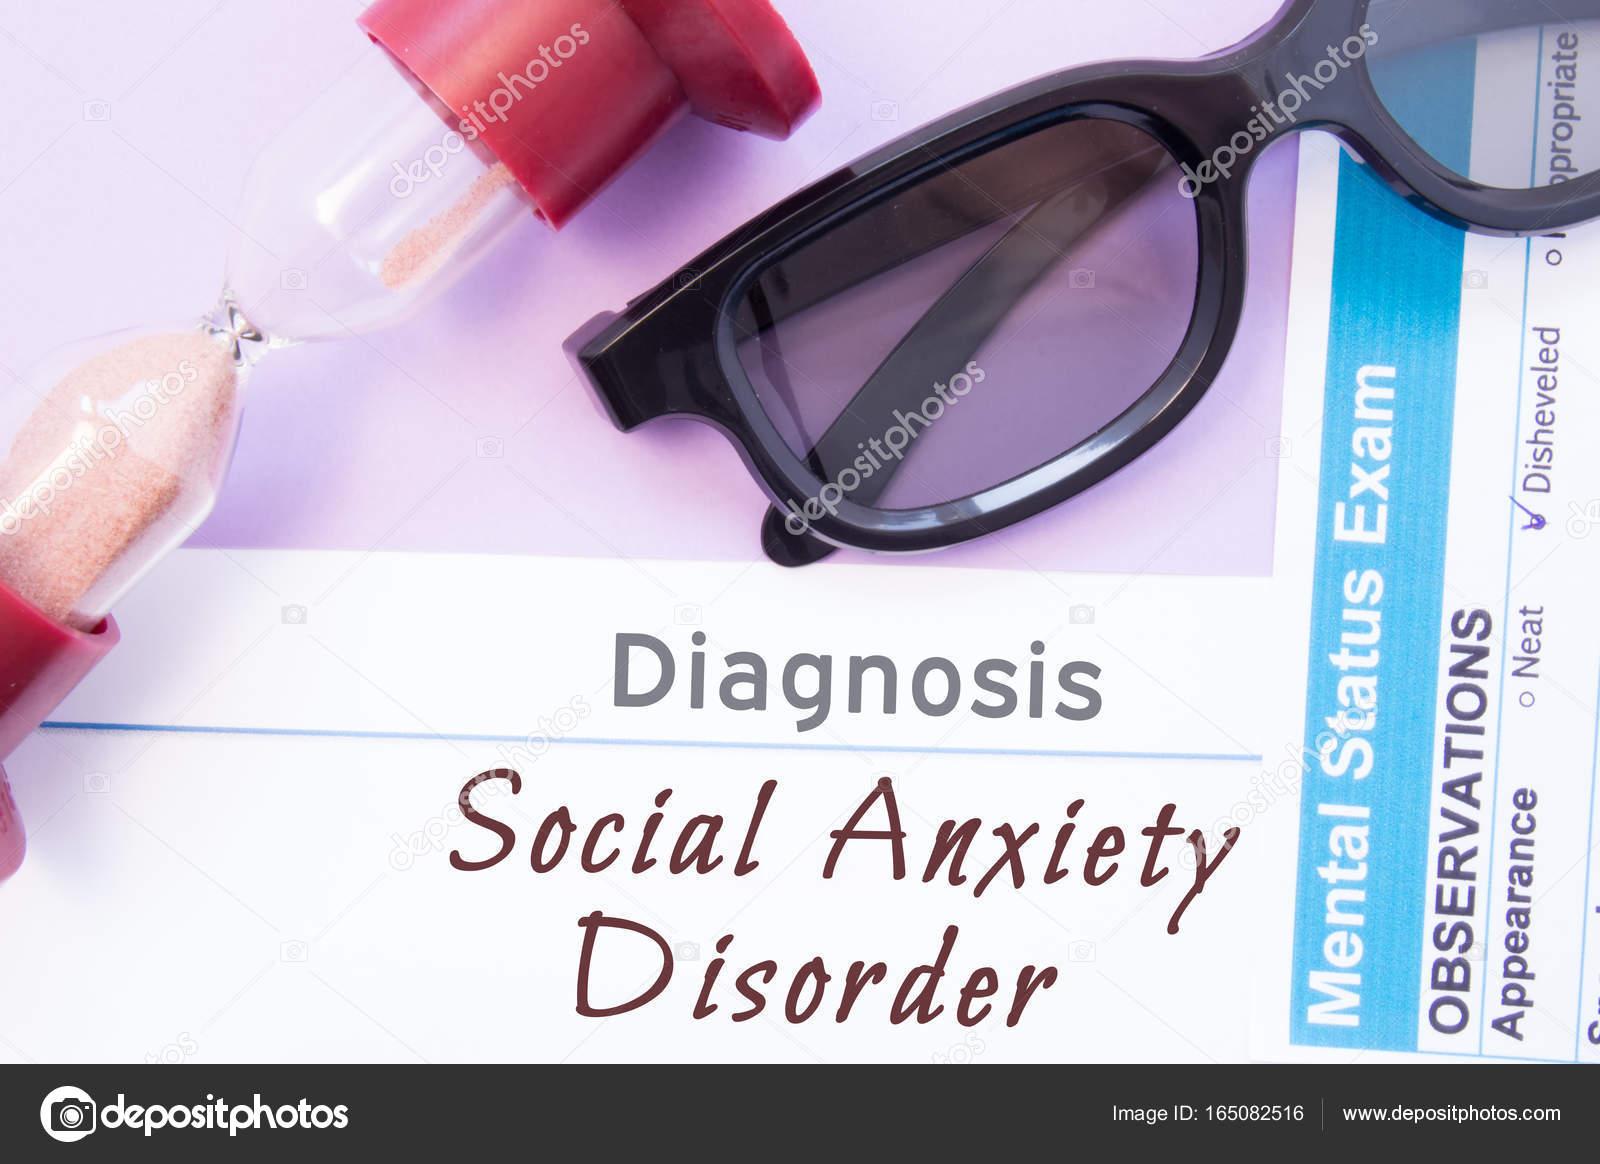 SocialeClessidraMedico Diagnosi Occhiali Di D'ansia Disturbo XZPiTOku